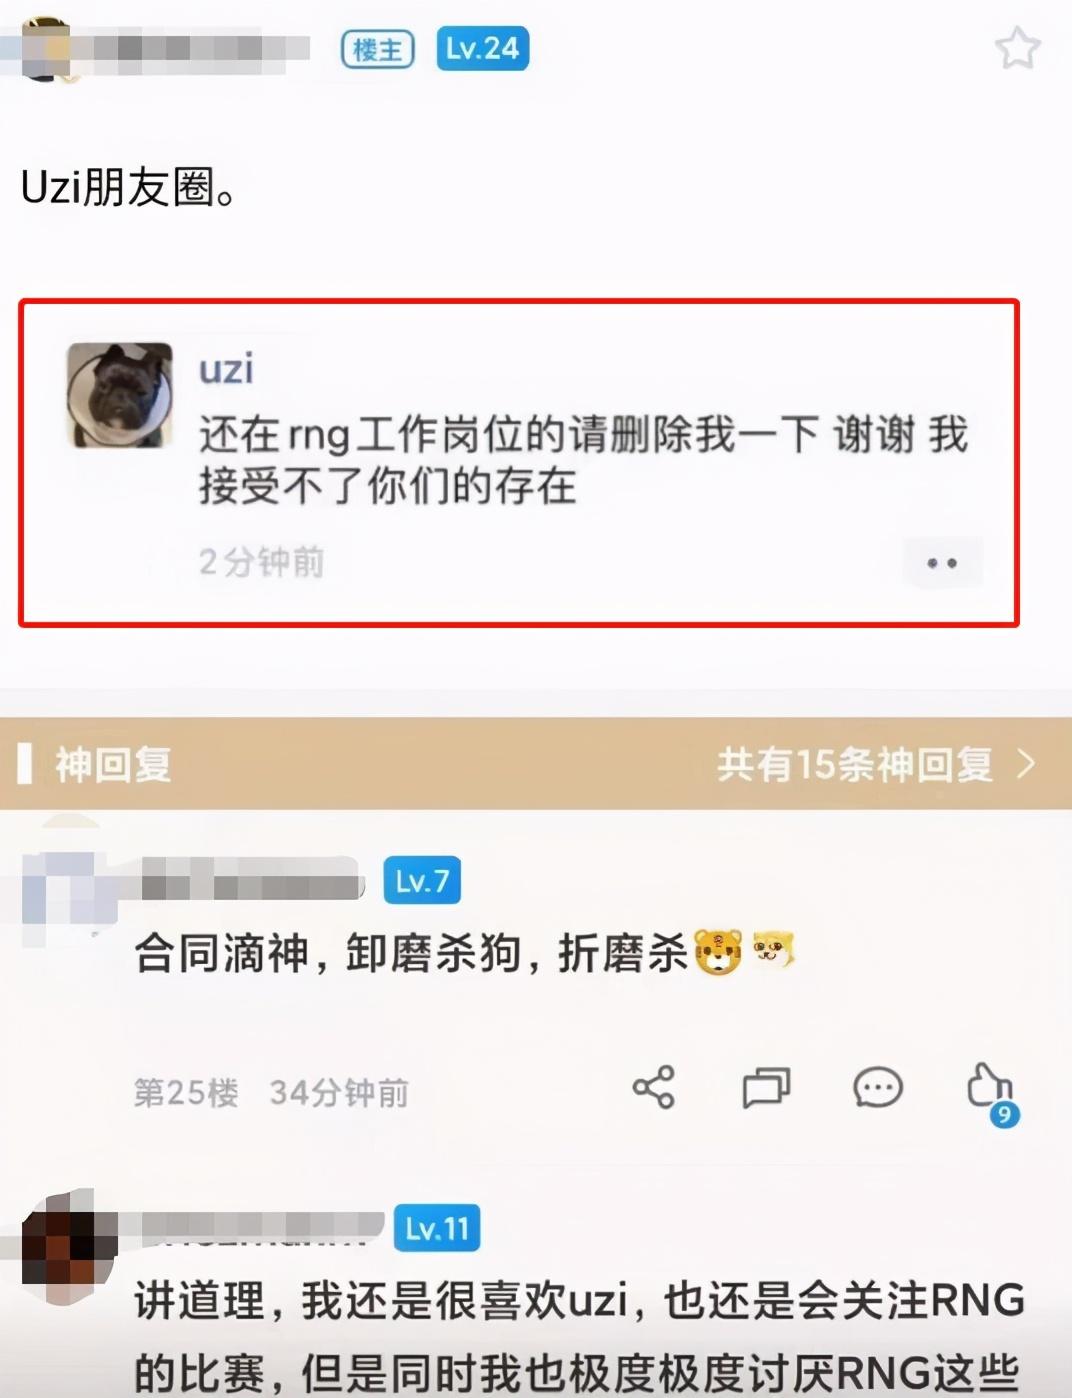 断绝和RNG的关系?Uzi朋友圈疑似被扒:相关人员请主动删除